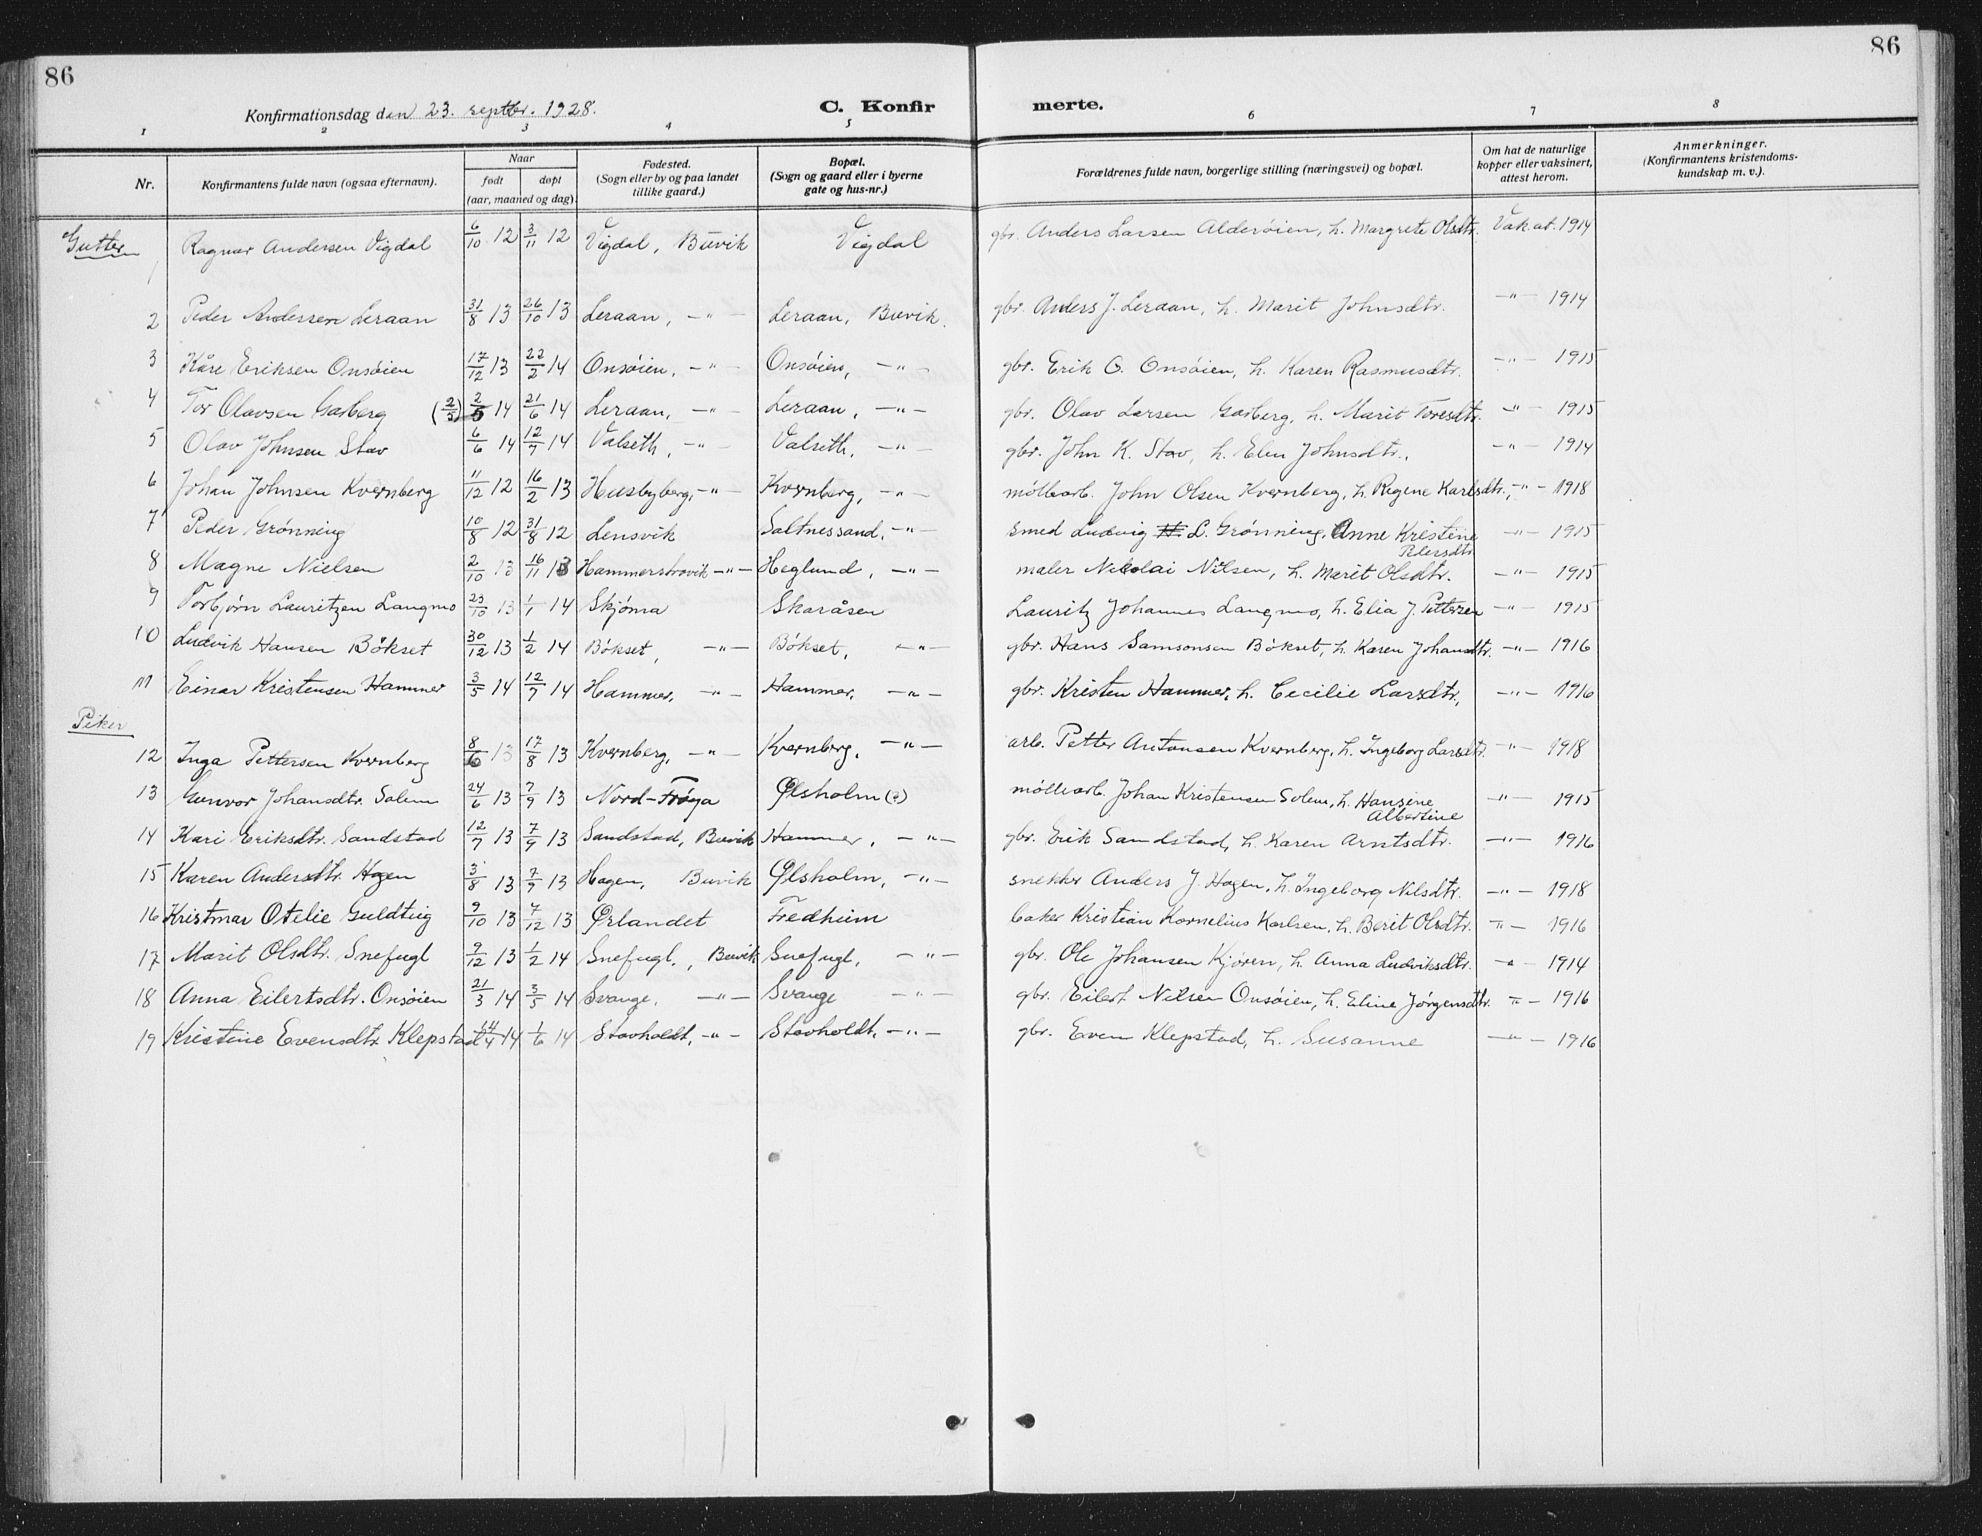 SAT, Ministerialprotokoller, klokkerbøker og fødselsregistre - Sør-Trøndelag, 666/L0791: Klokkerbok nr. 666C04, 1909-1939, s. 86